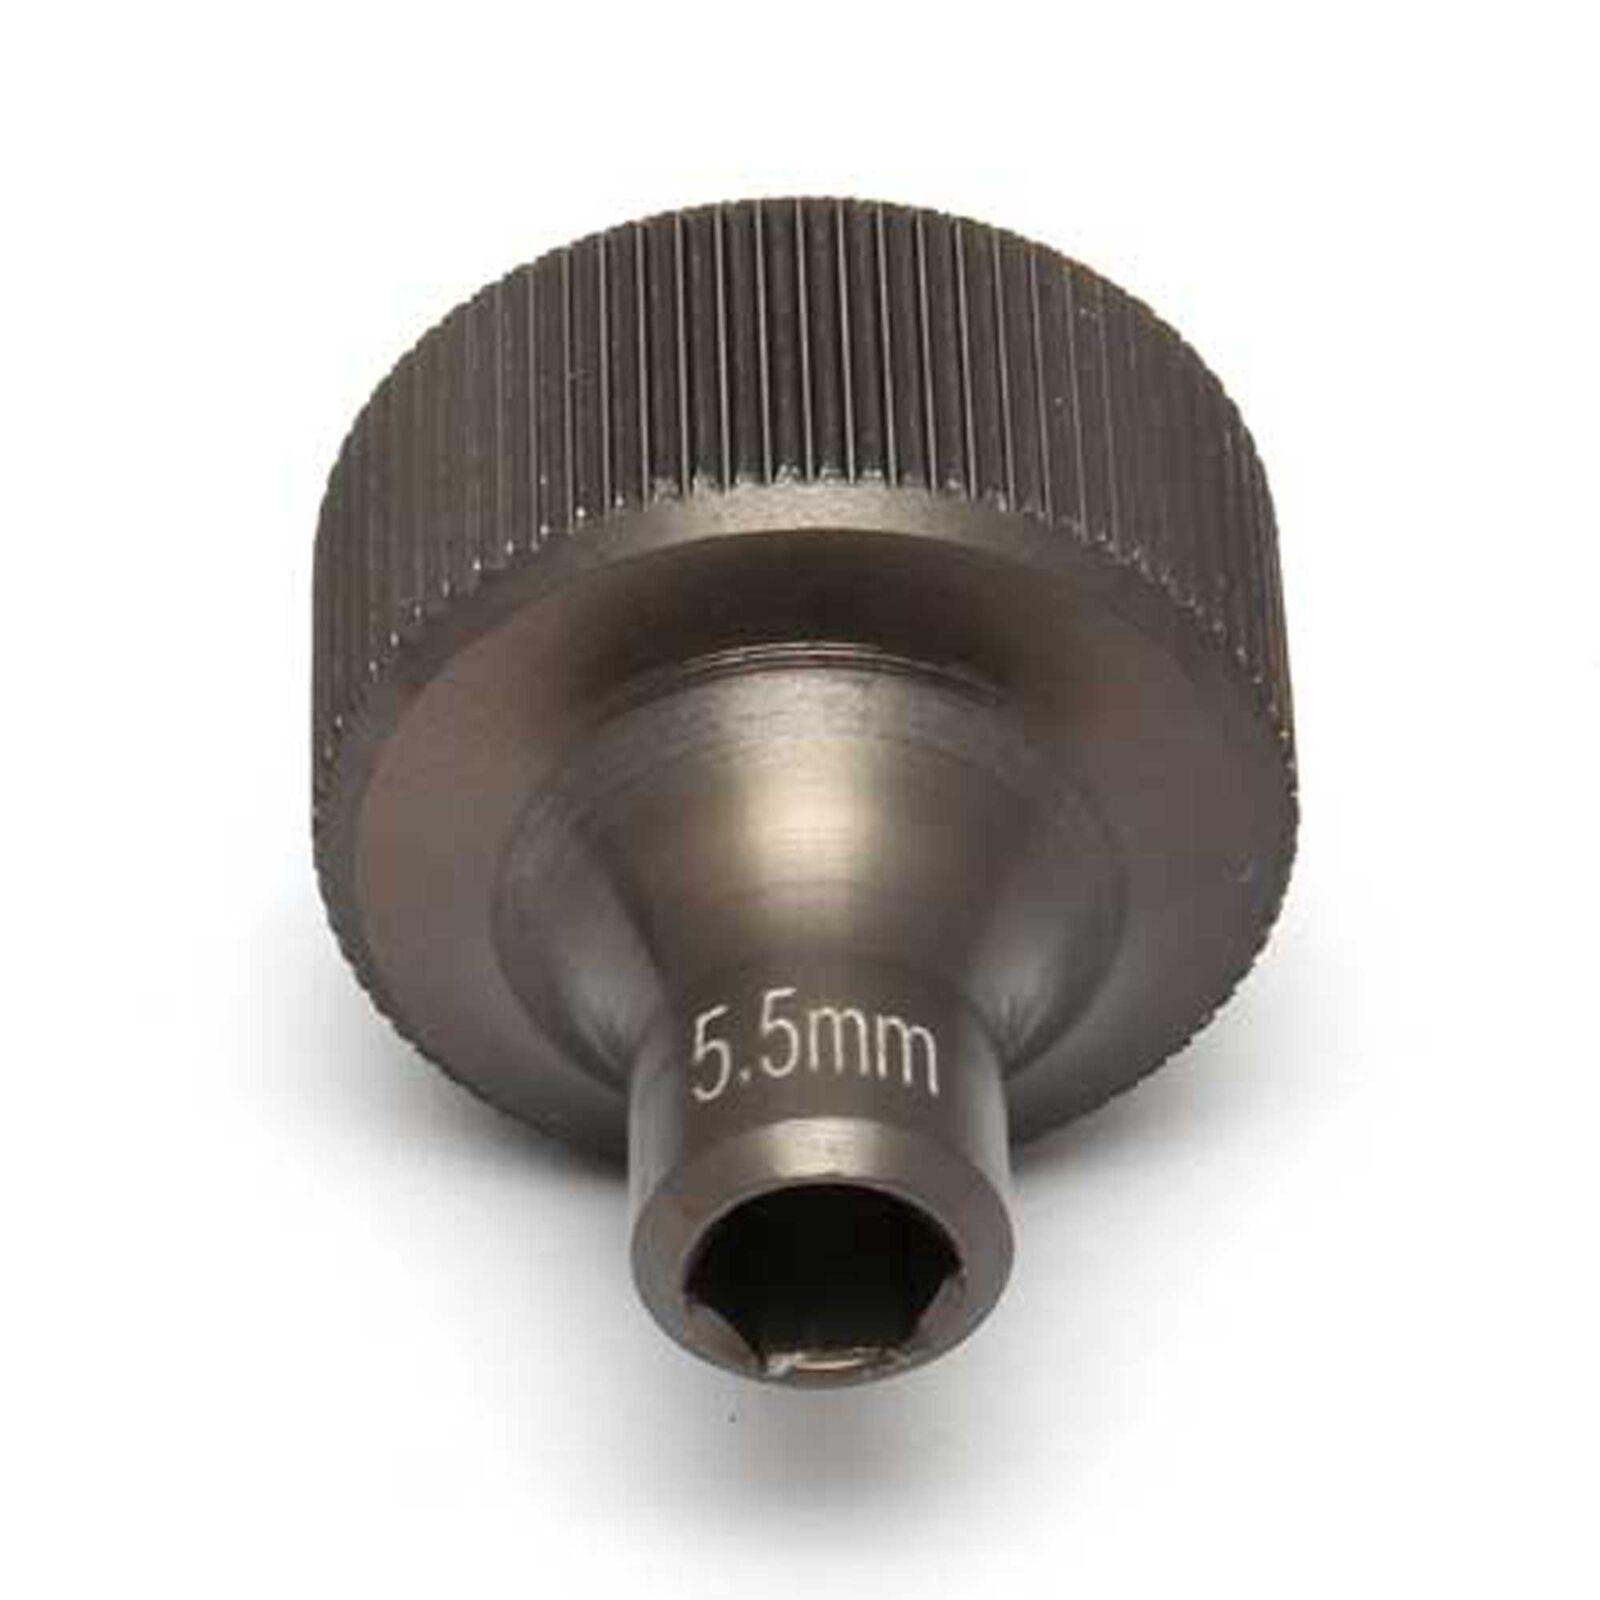 Factory Team 5.5mm Short Nut Driver